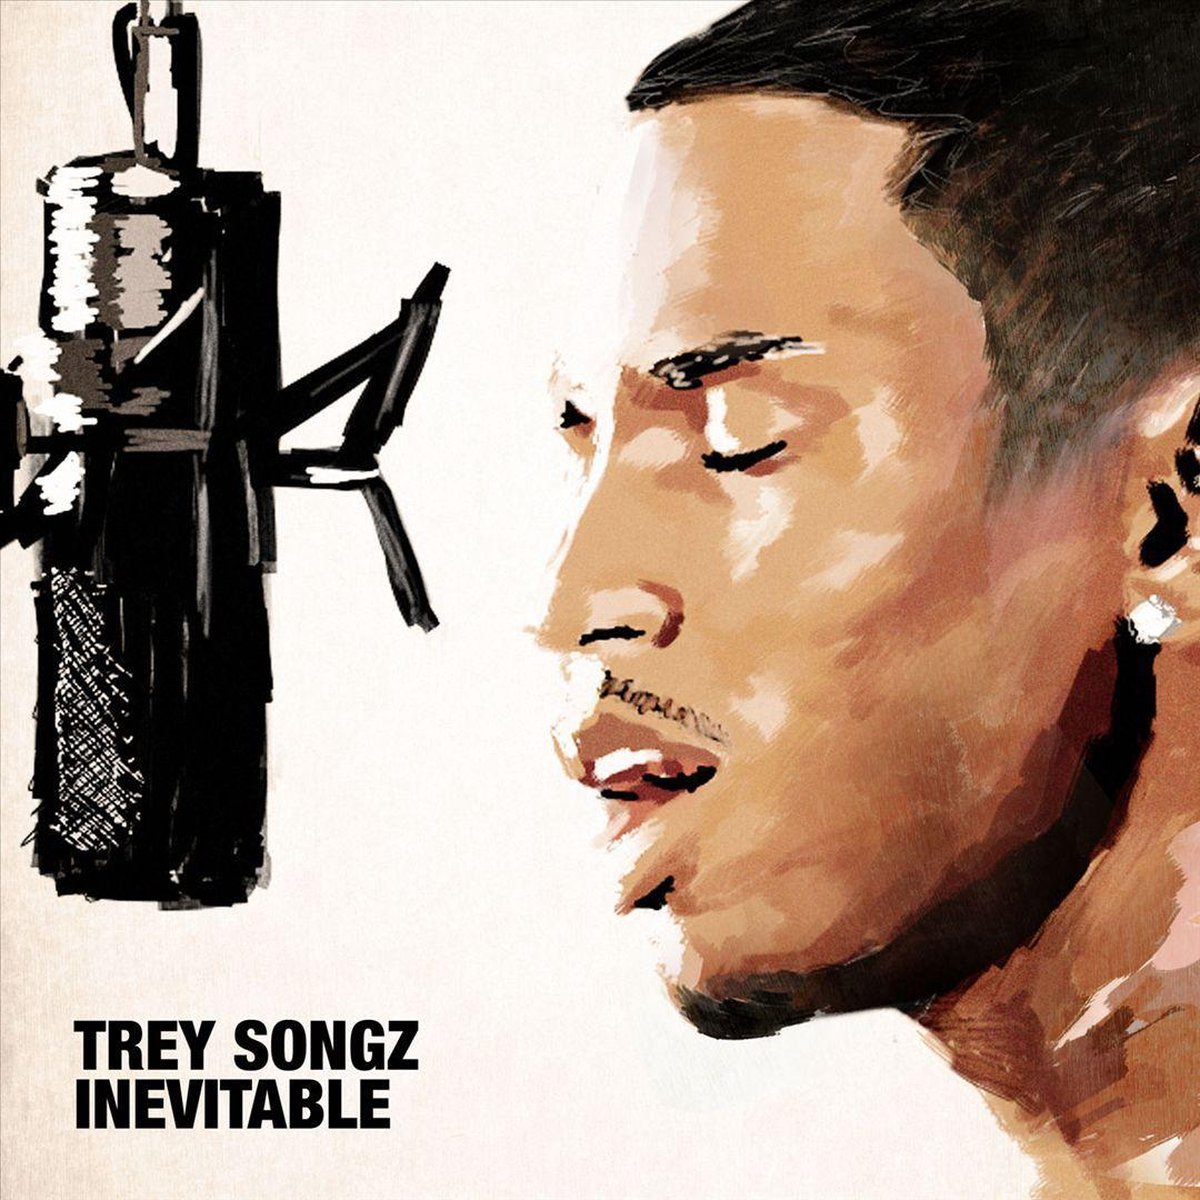 Inevitable - Trey Songz